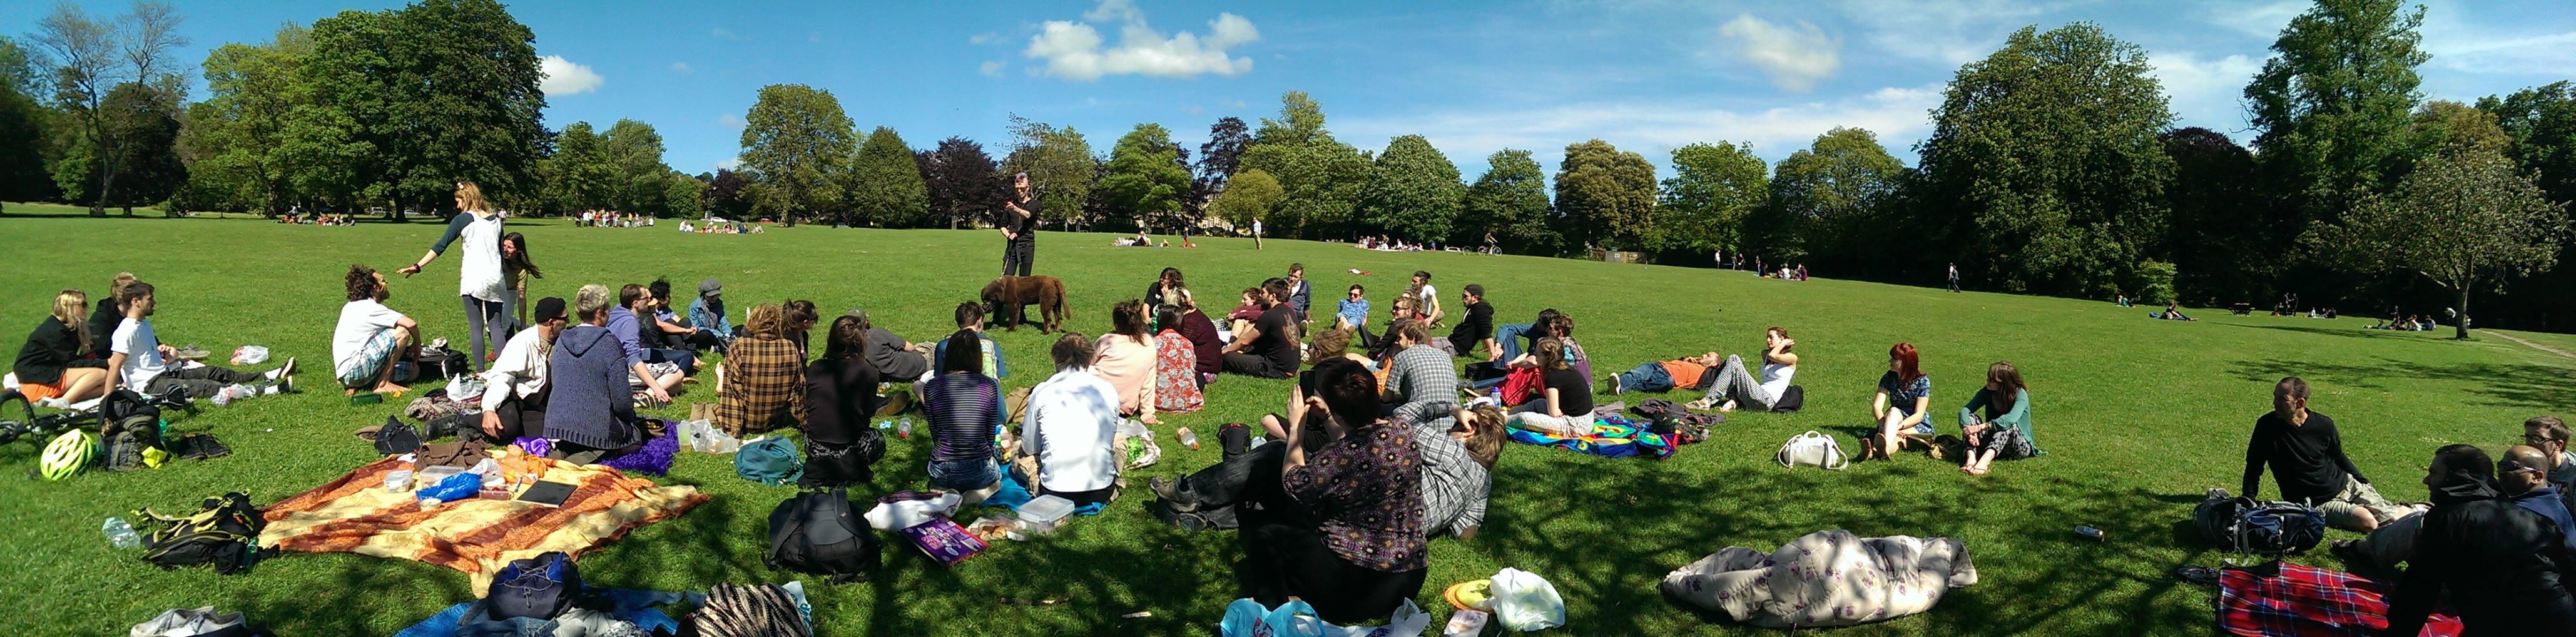 mayday_picnic.jpg